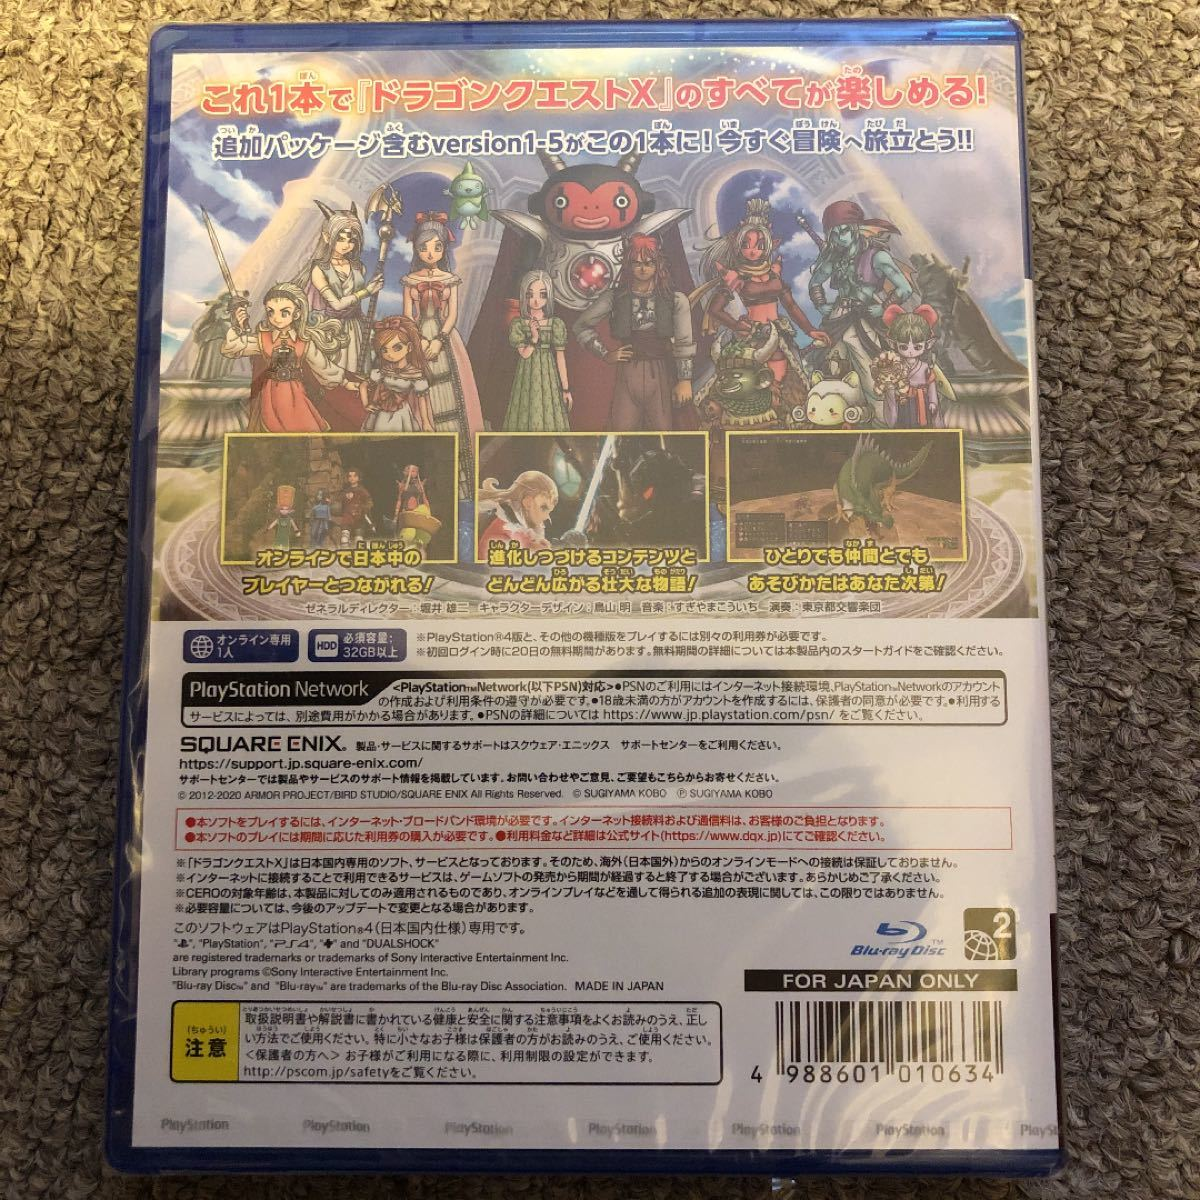 【PS4】 ドラゴンクエストX オールインワンパッケージ(Ver.1-Ver.5) 新品未開封 ドラゴンクエスト10